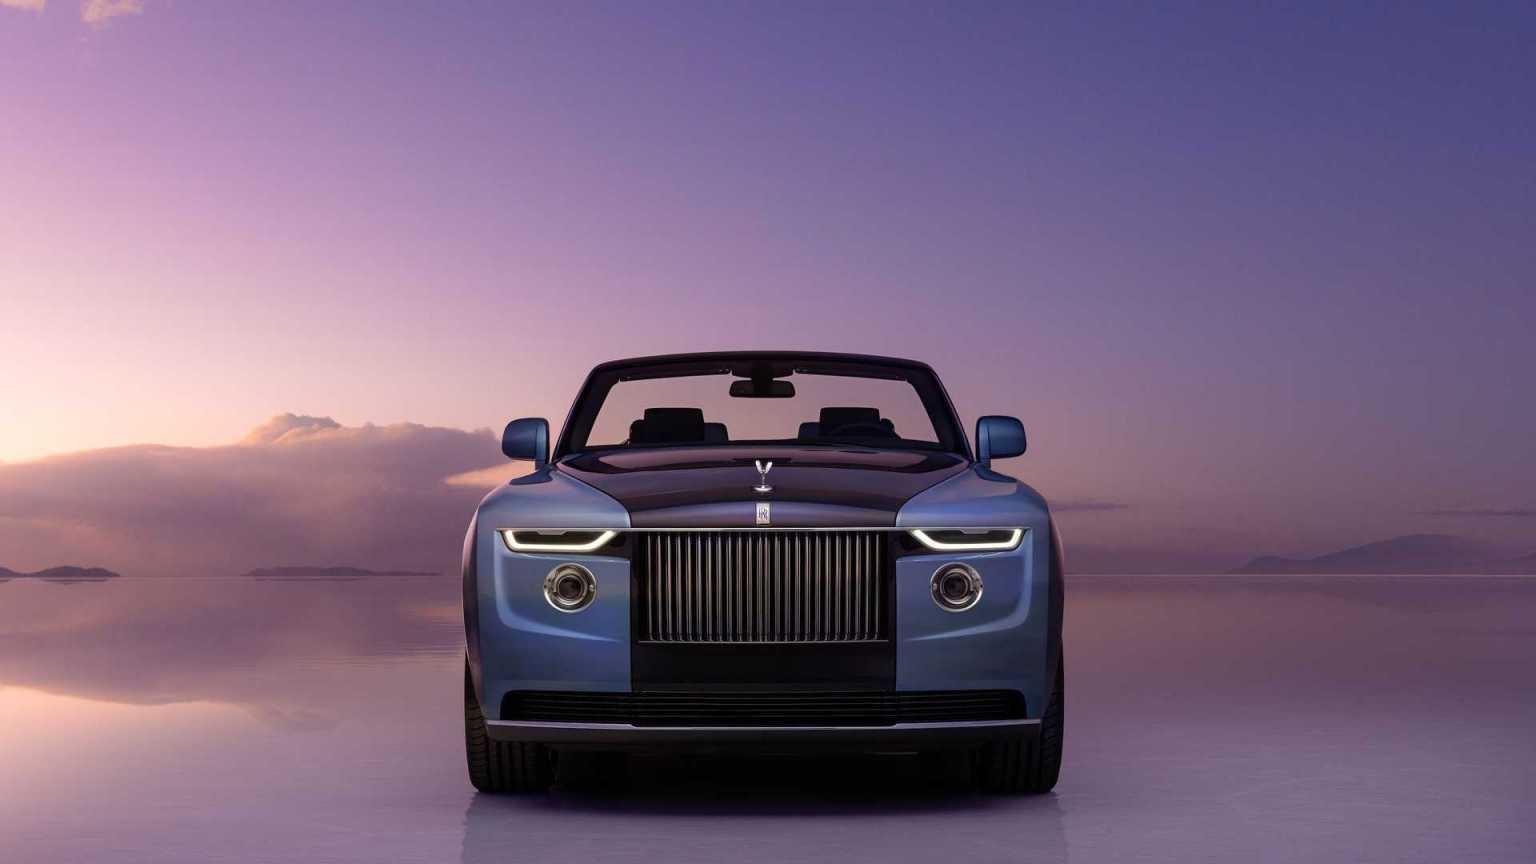 Αυτό είναι το ακριβότερο αυτοκίνητο στον κόσμο και μπορούν να το αποκτήσουν μόνο τρεις άνθρωποι! (pics)